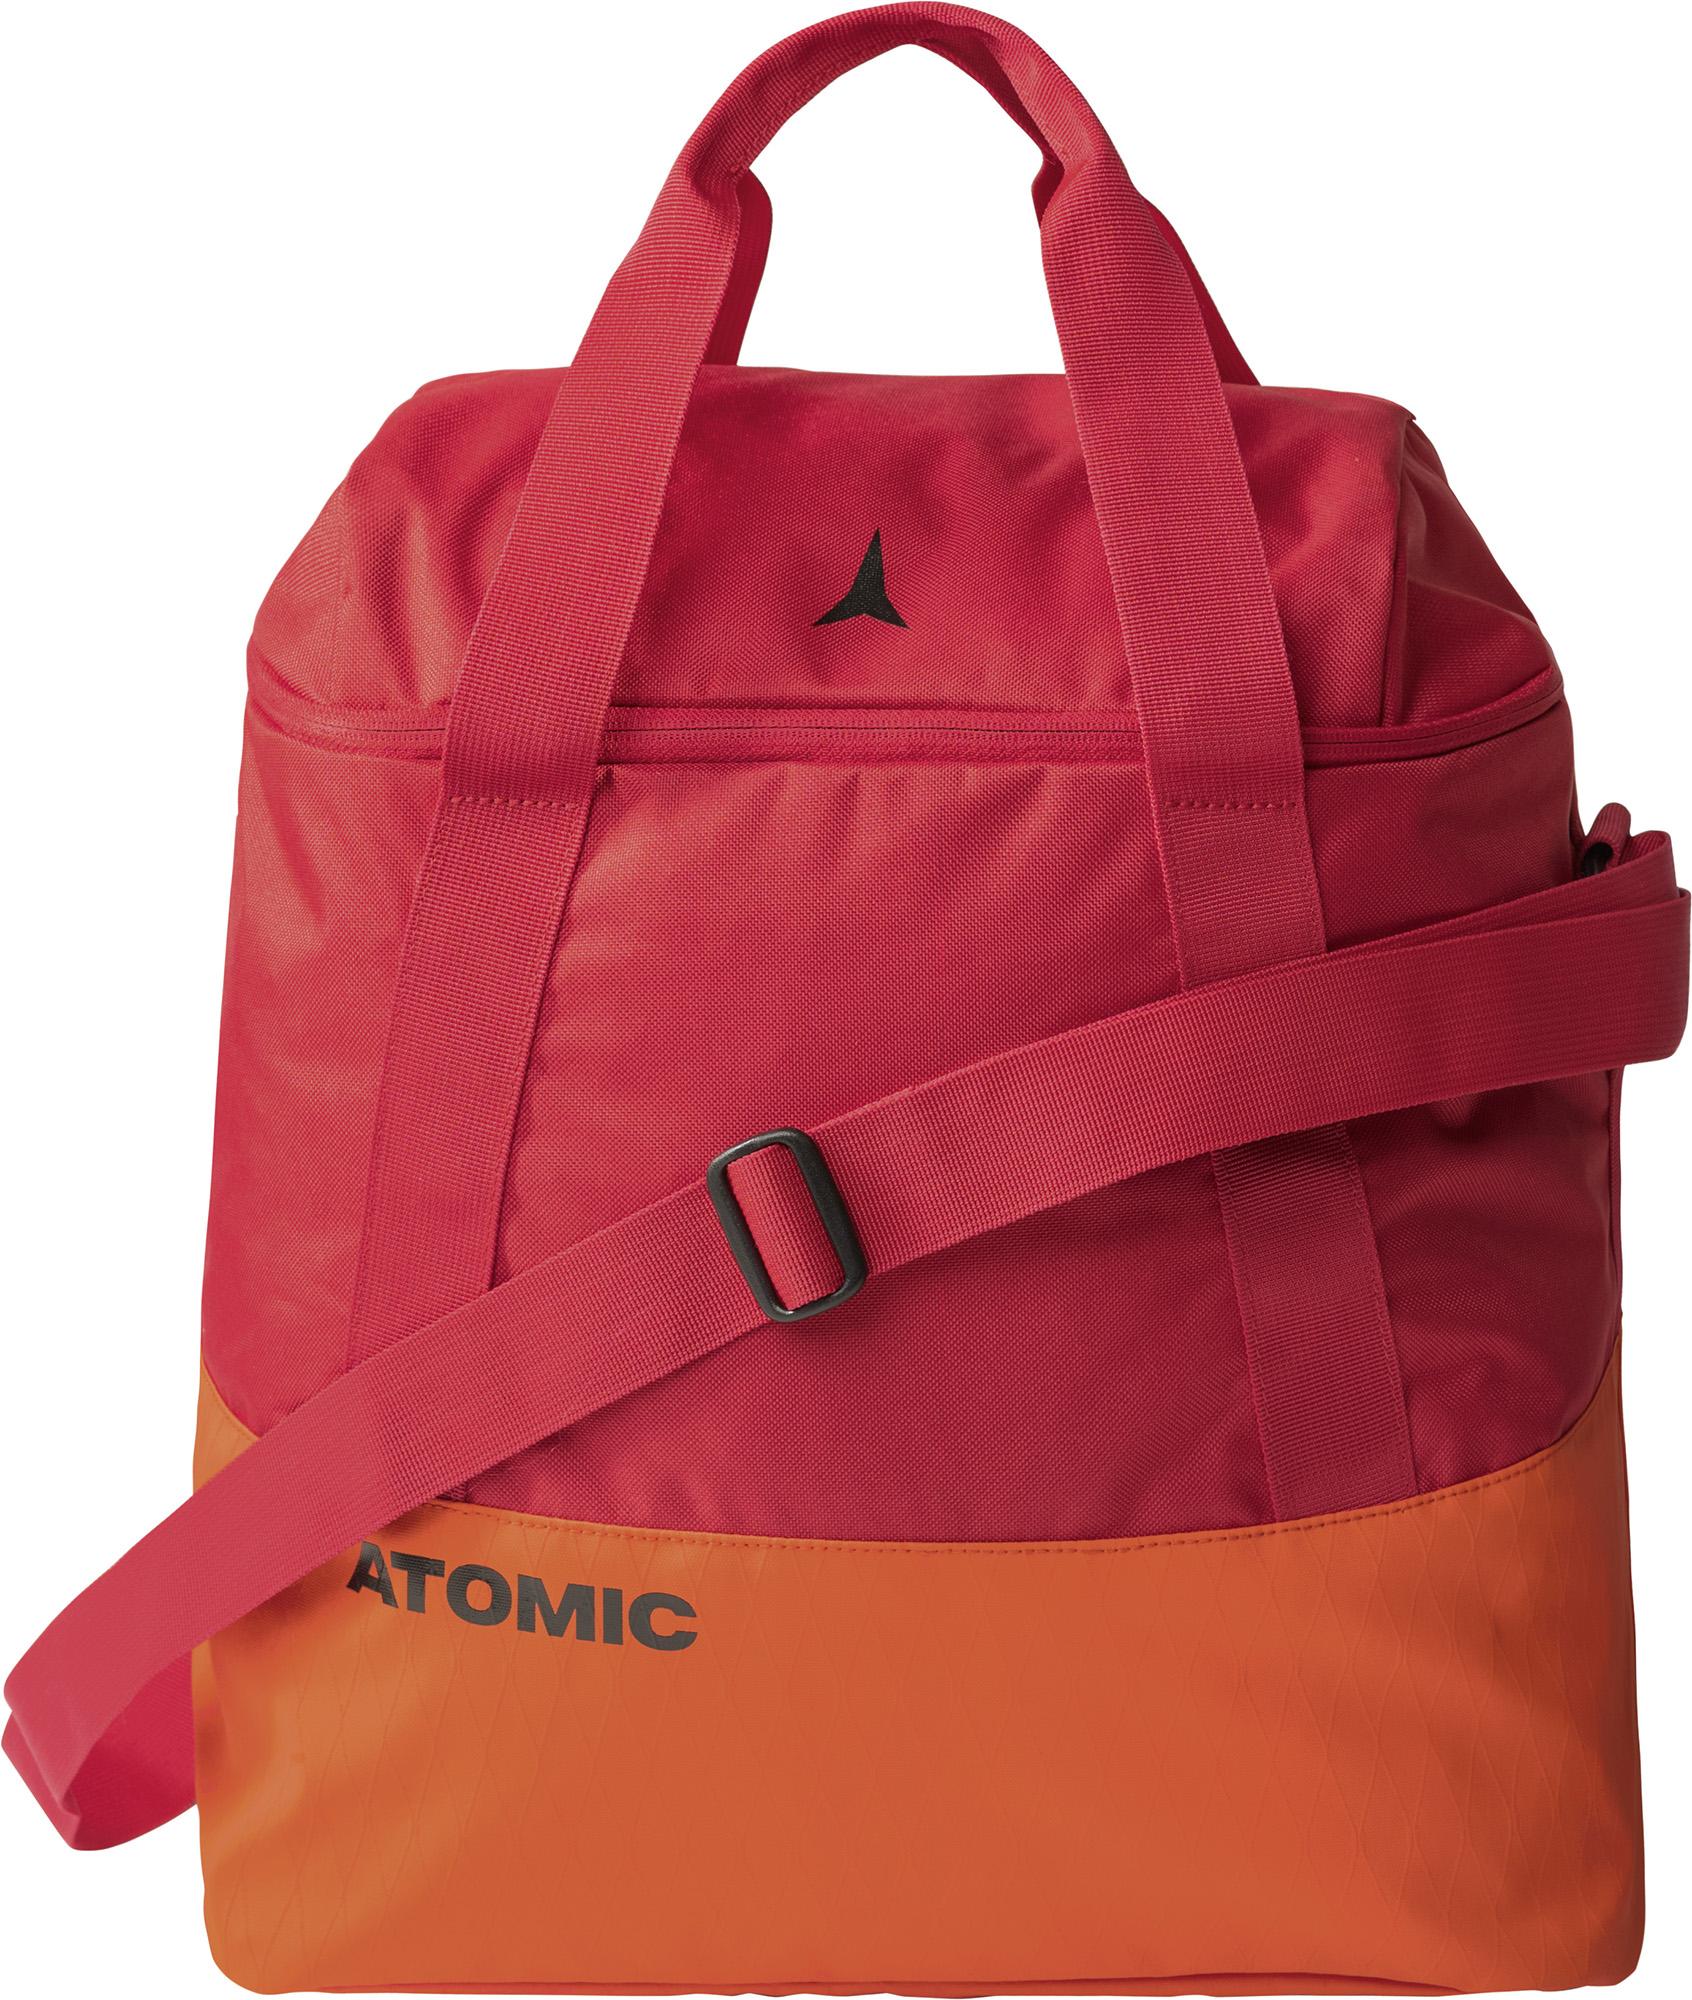 цена на Atomic Сумка для ботинок Atomic